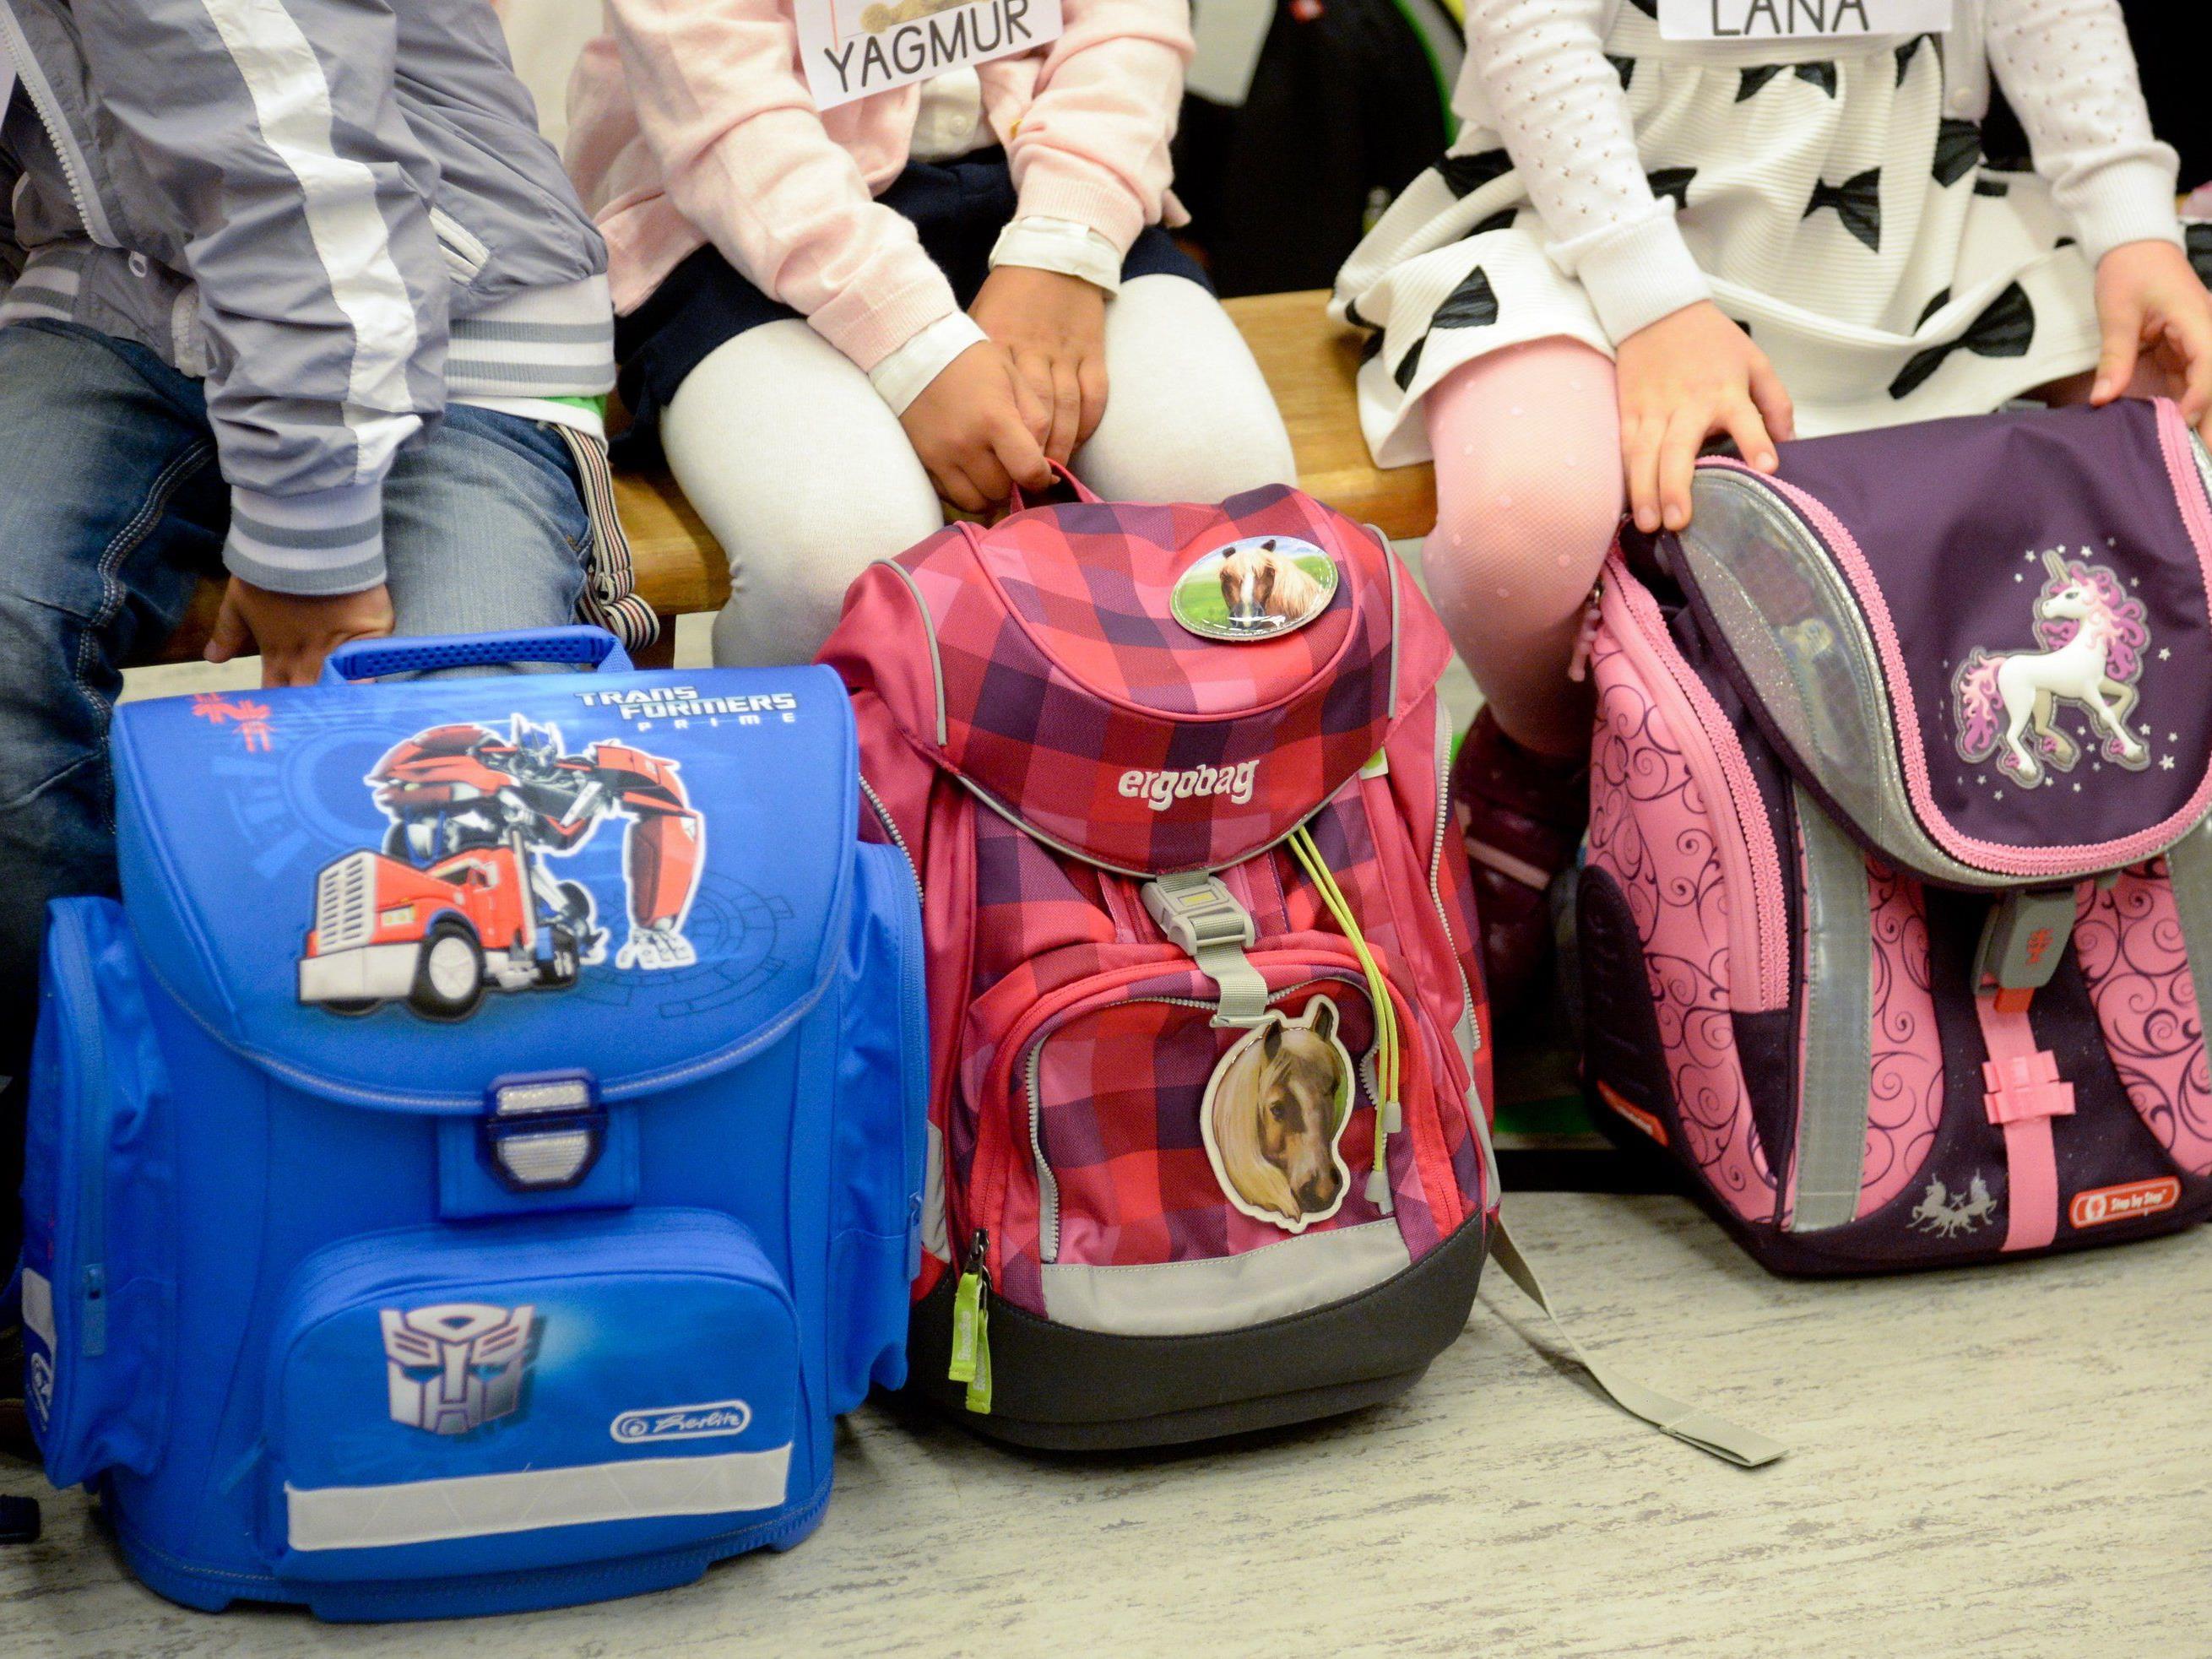 Der Schulanfang bedeutet oftmals finanzielle Schwierigkeiten.